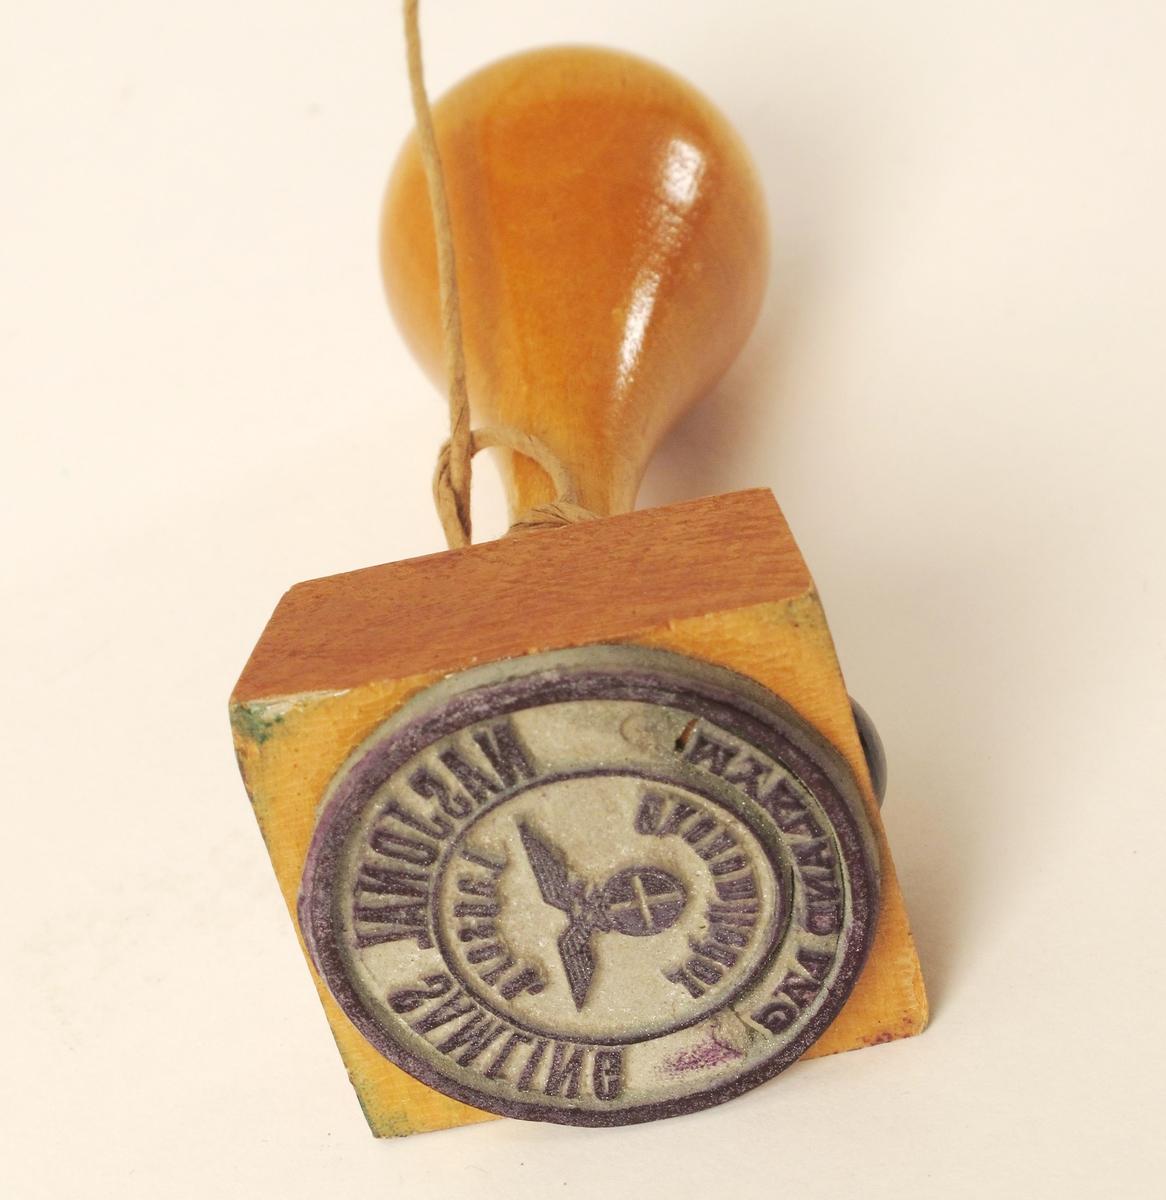 Stempel  for Nasjonal Samling, Mykland Lag, 1940 45.    Gummi  stempel,   furu  håndtak, lys polert.    Rundt, soppformet håndtak.   Tilstand: lite brukt, ser nytt ut.